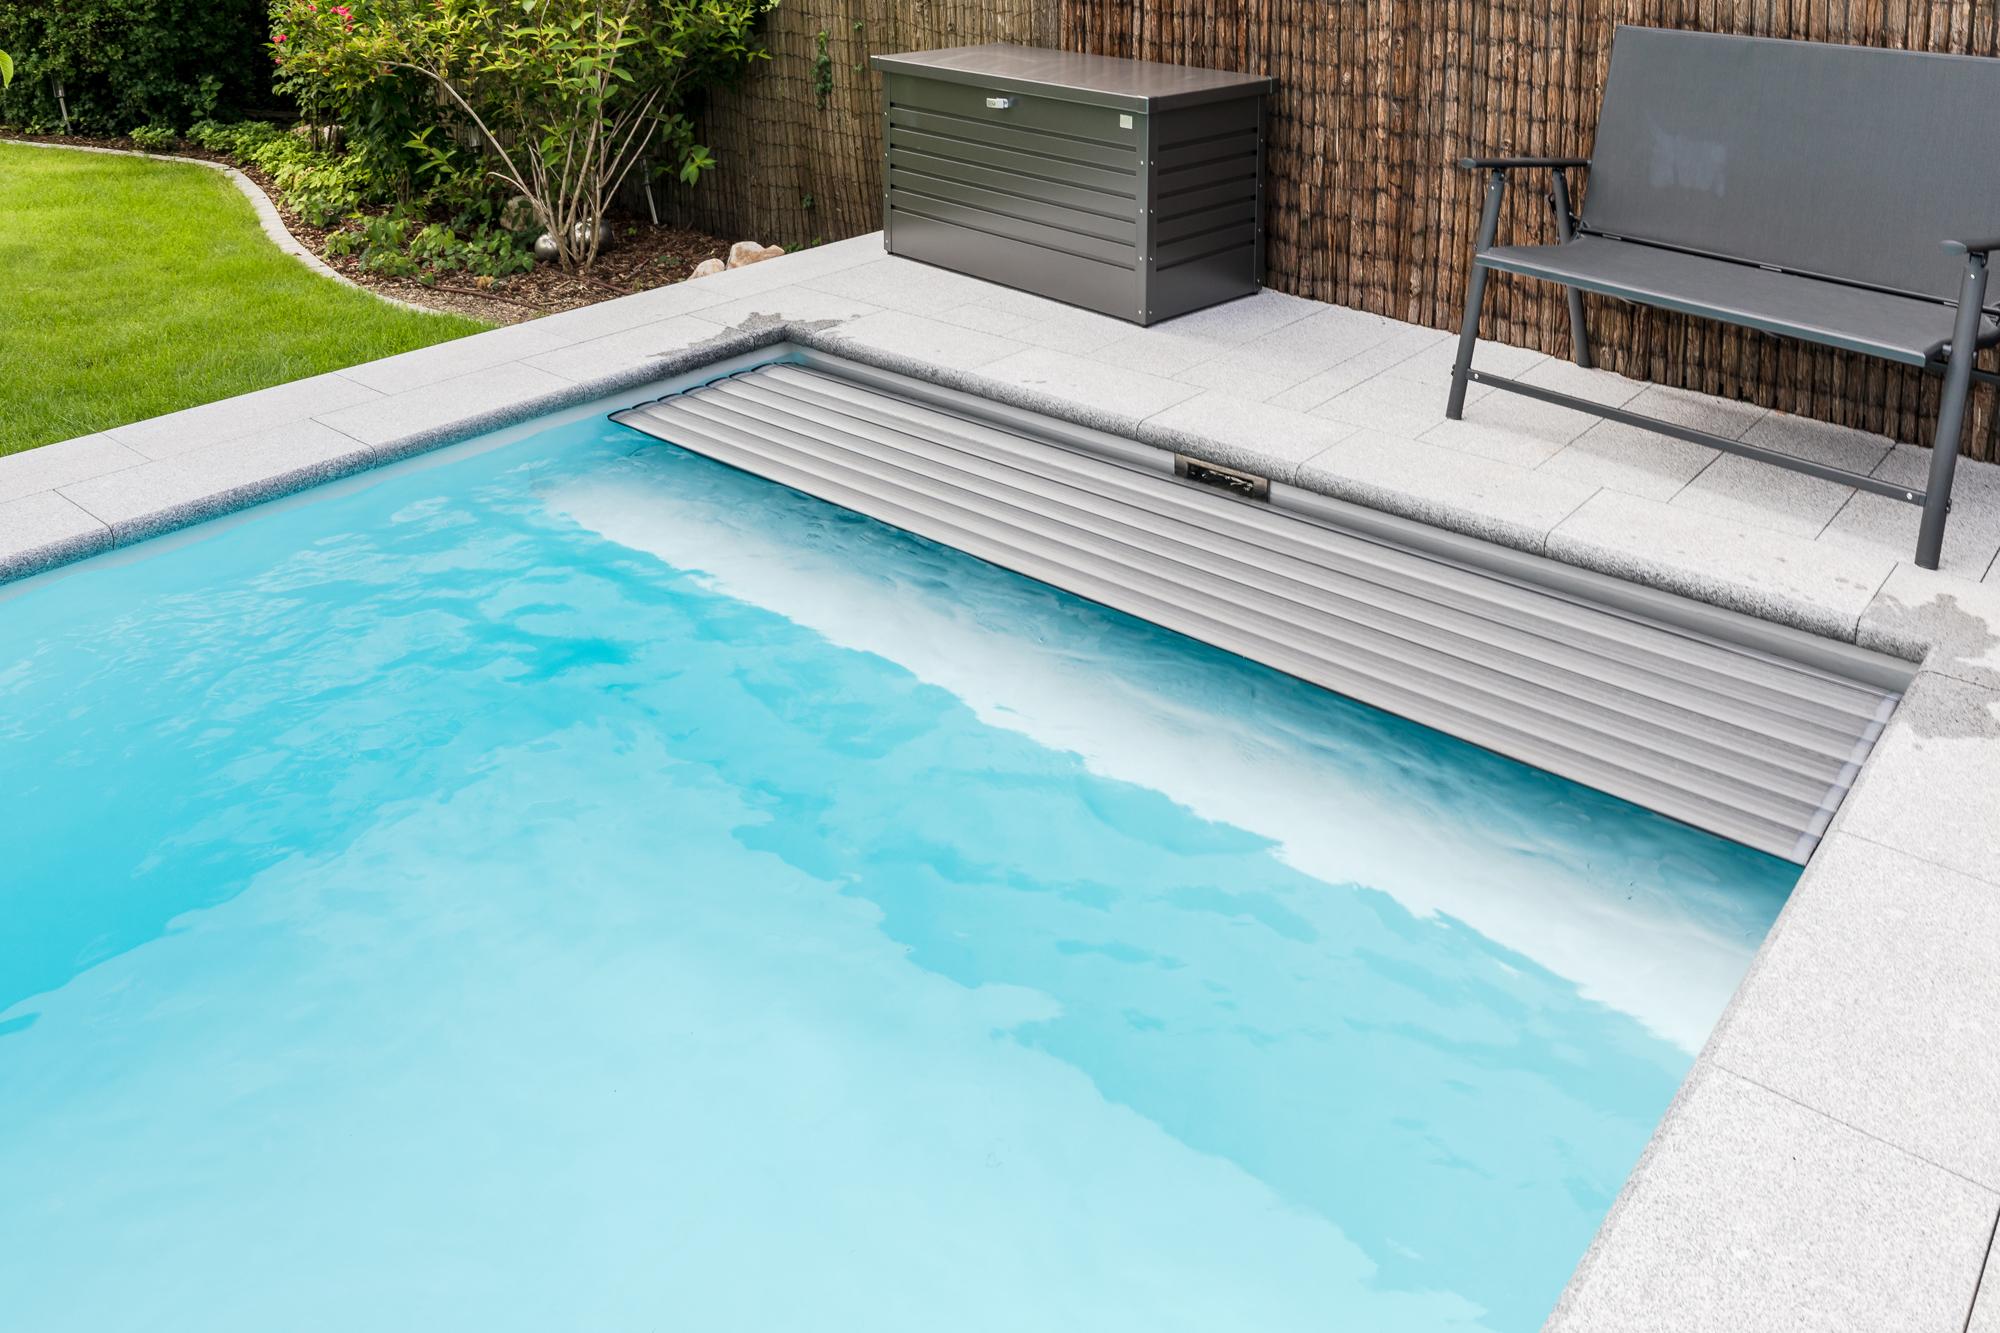 Fertigschwimmbecken Gartenbad mit einer Rolladensitzbank sowie Solarabdeckung